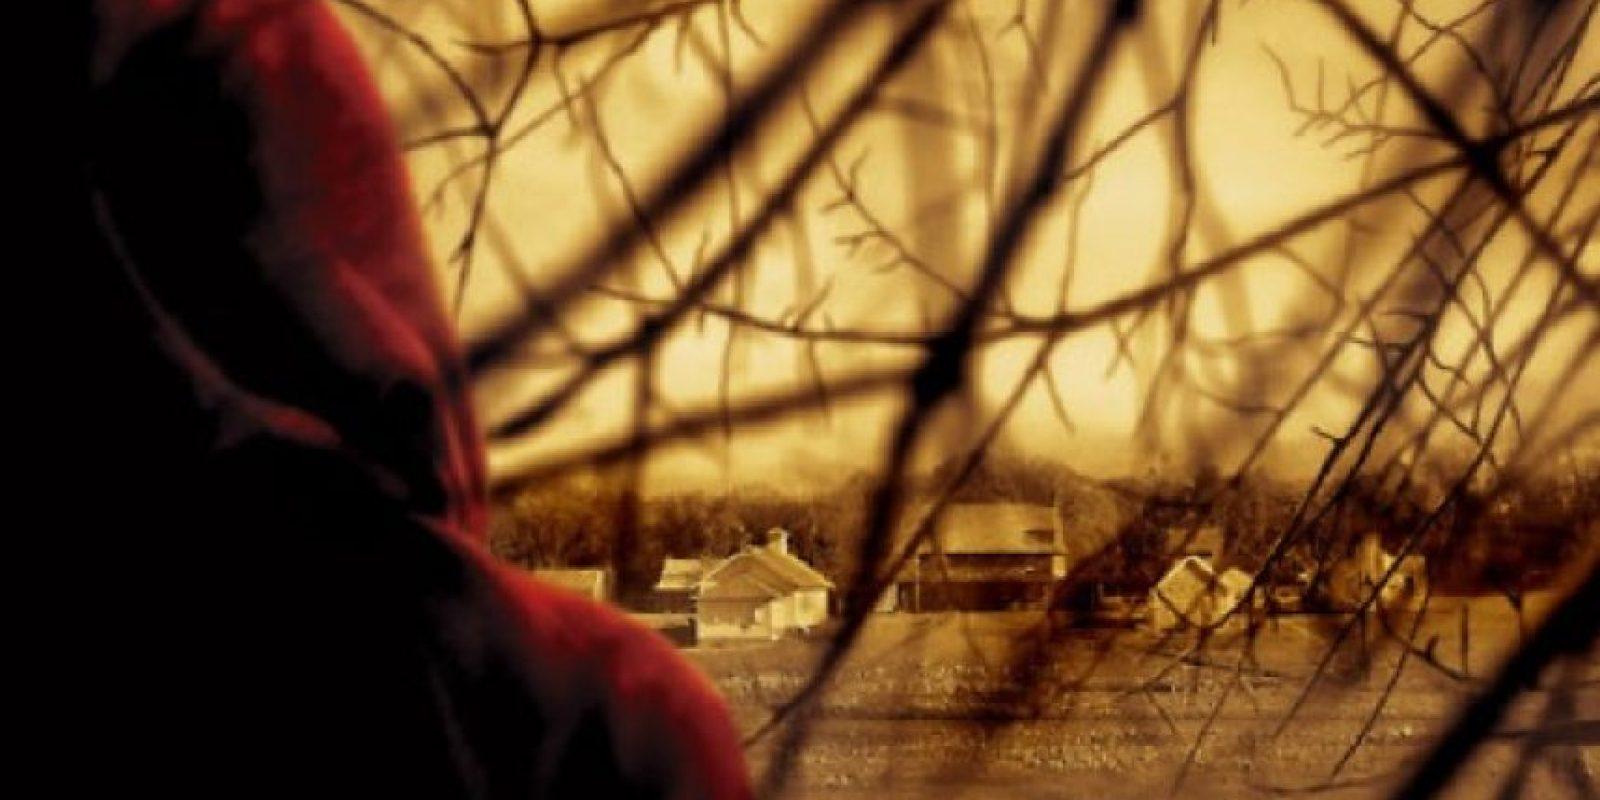 8. Metrofobia: miedo a la poesía. ¿Cómo se supone que podrían enamorar a alguien así? Foto:Tumblr.com/Tagged-miedo